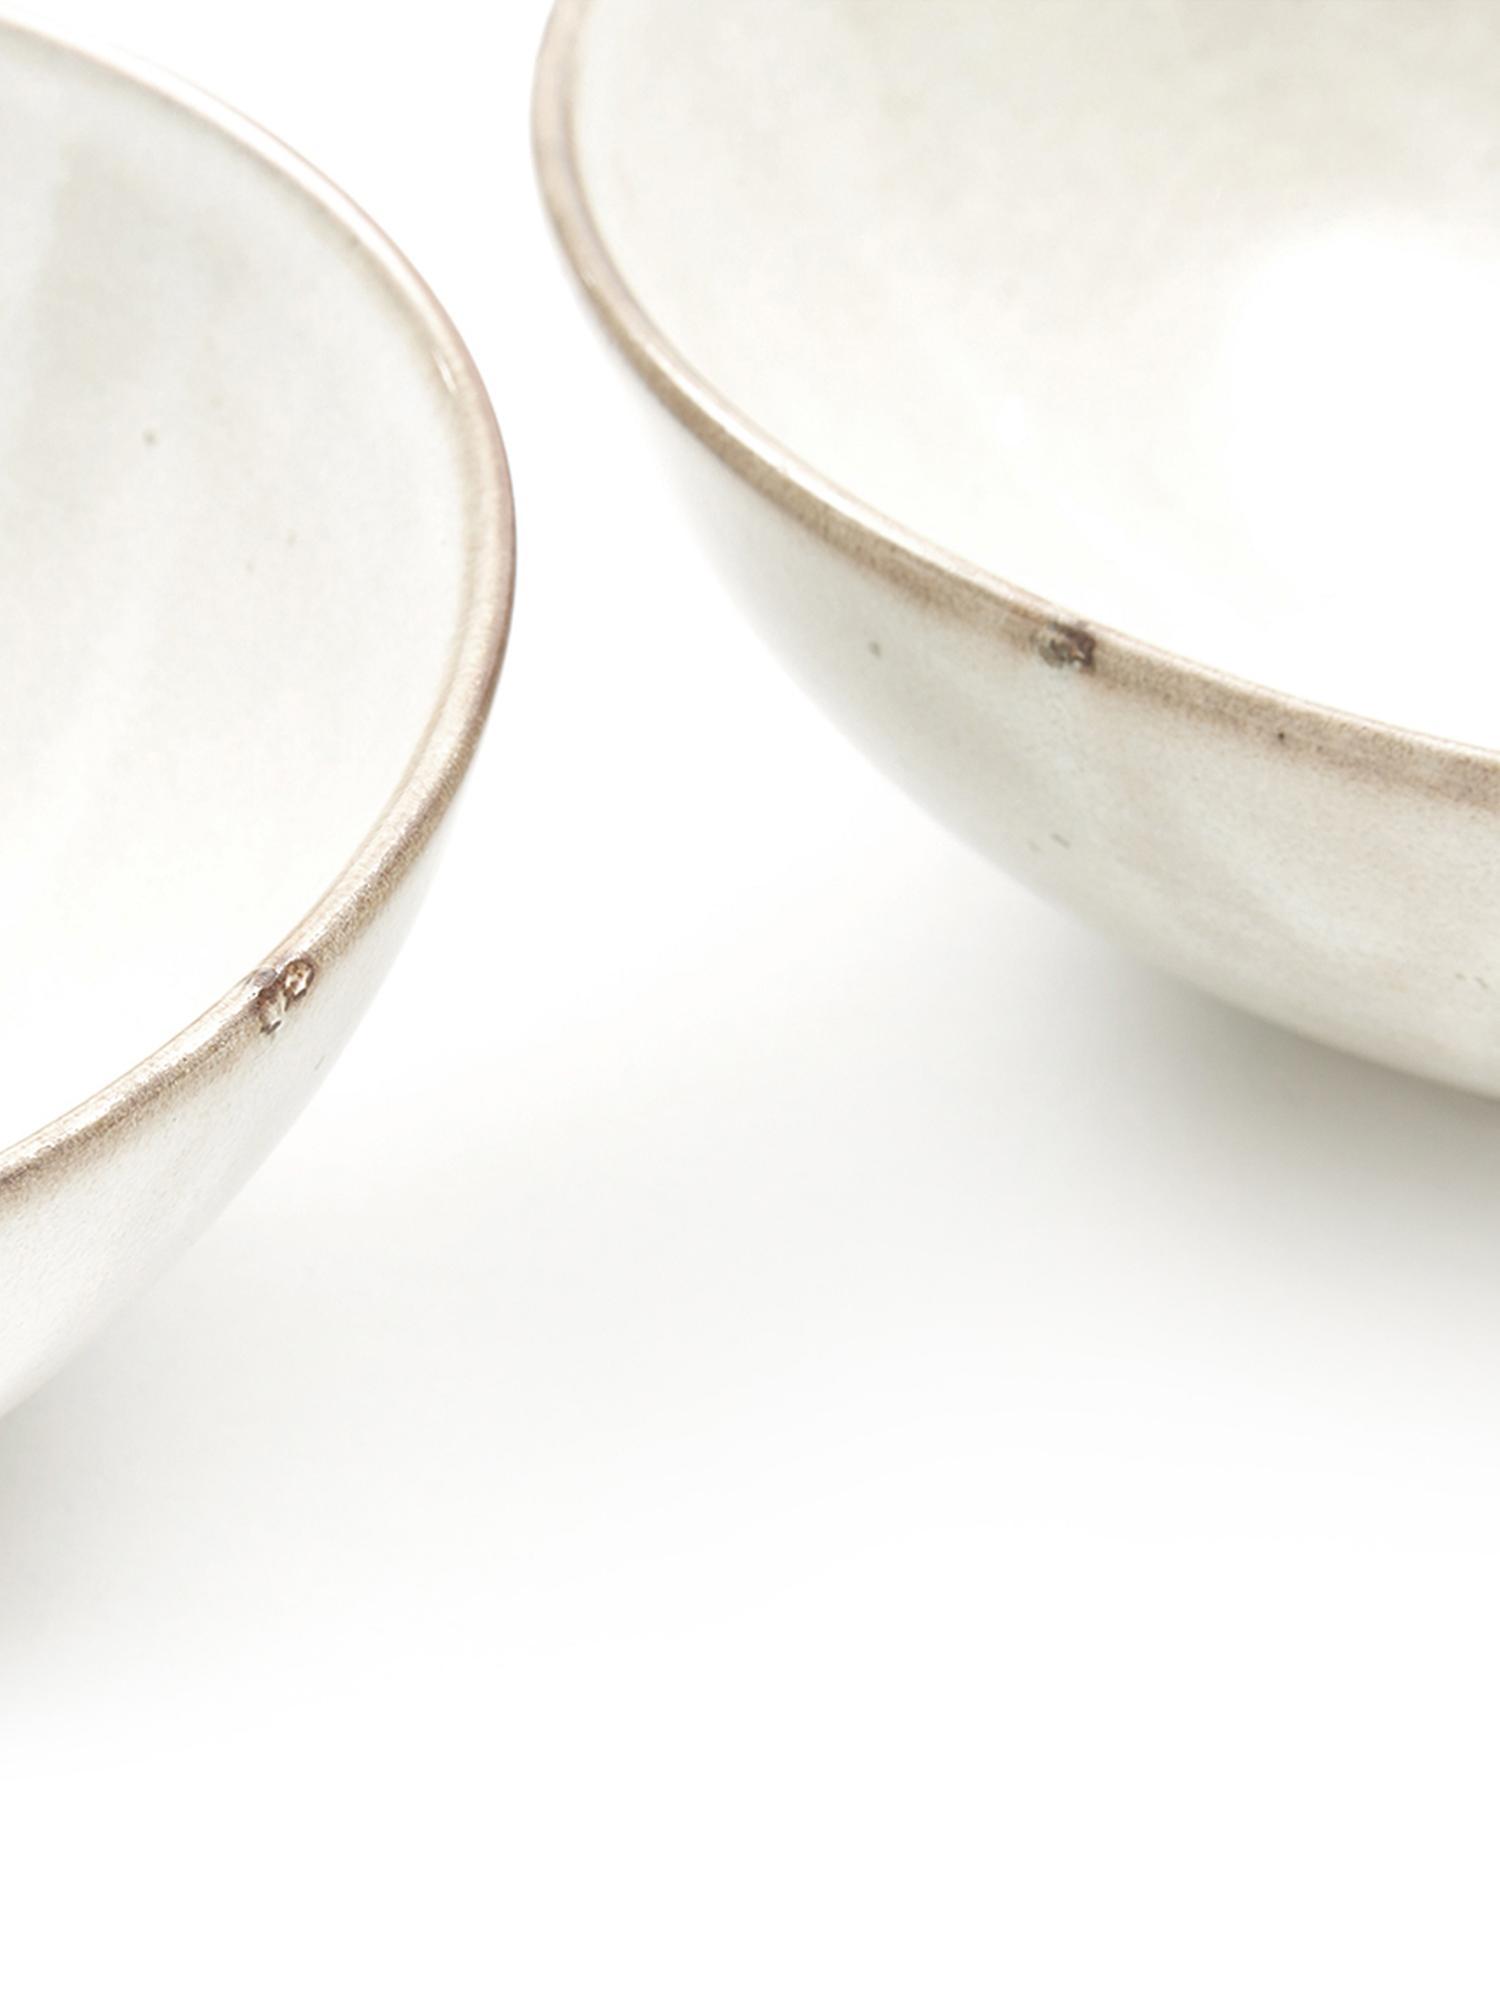 Ciotola fatta a mano Thalia 2 pz, Ceramica, Crema con bordo scuro, Ø 18 x Alt. 6 cm